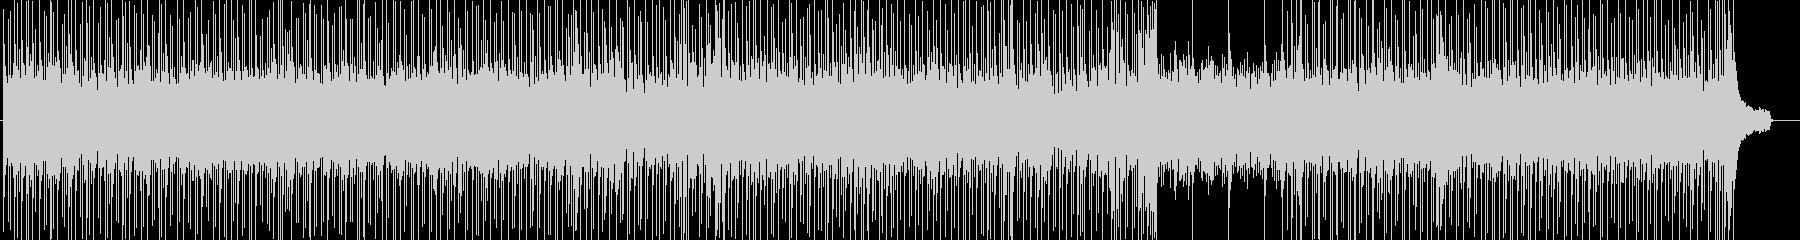 キラキラ12弦アルペジオのアコギロックの未再生の波形